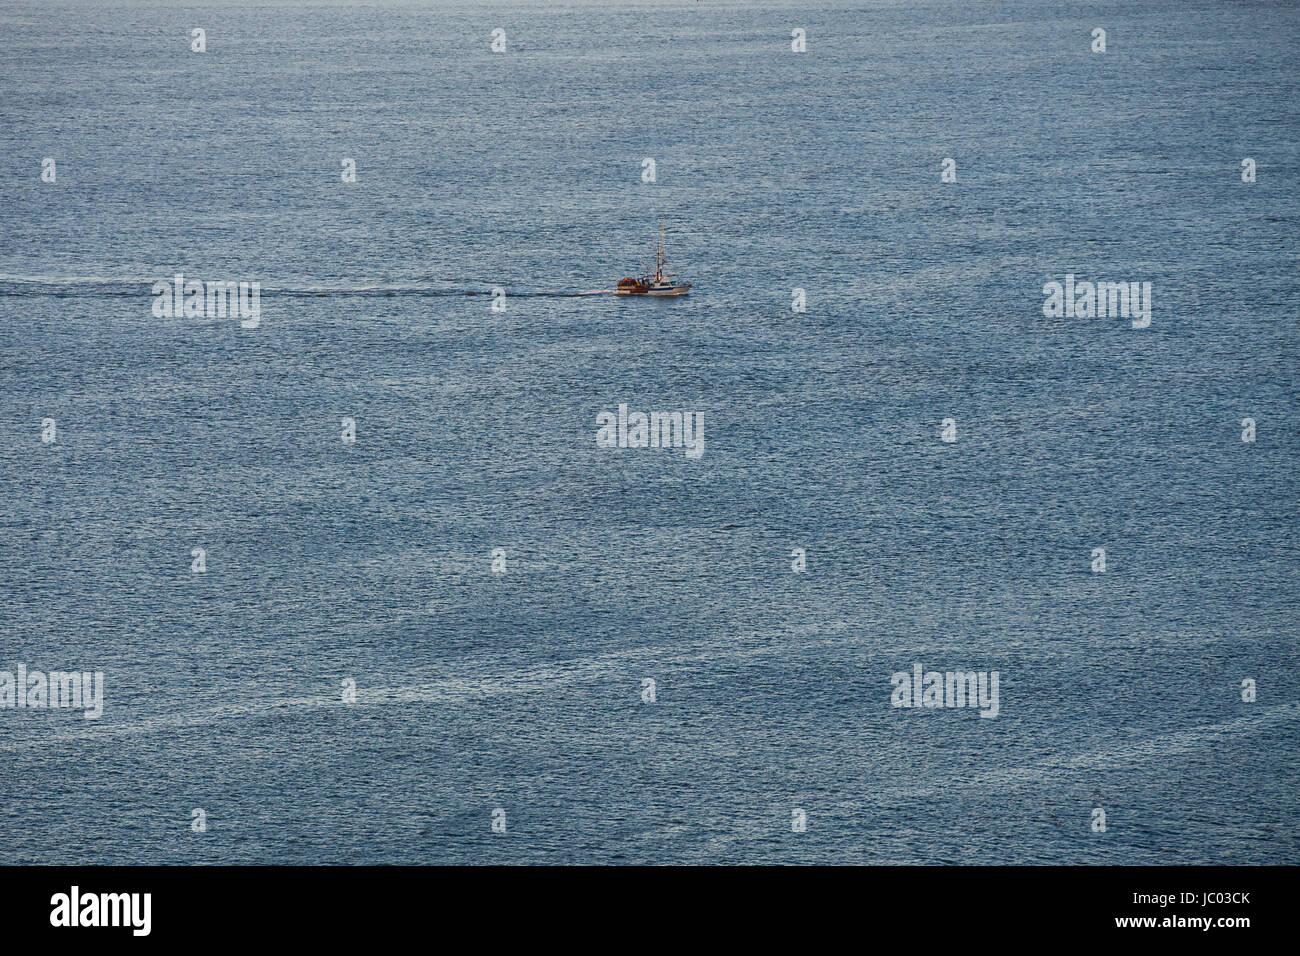 Krabben-Fischerboot auf dem offenen Wasser (Meerwasser) - San Francisco, Kalifornien, USA Stockbild